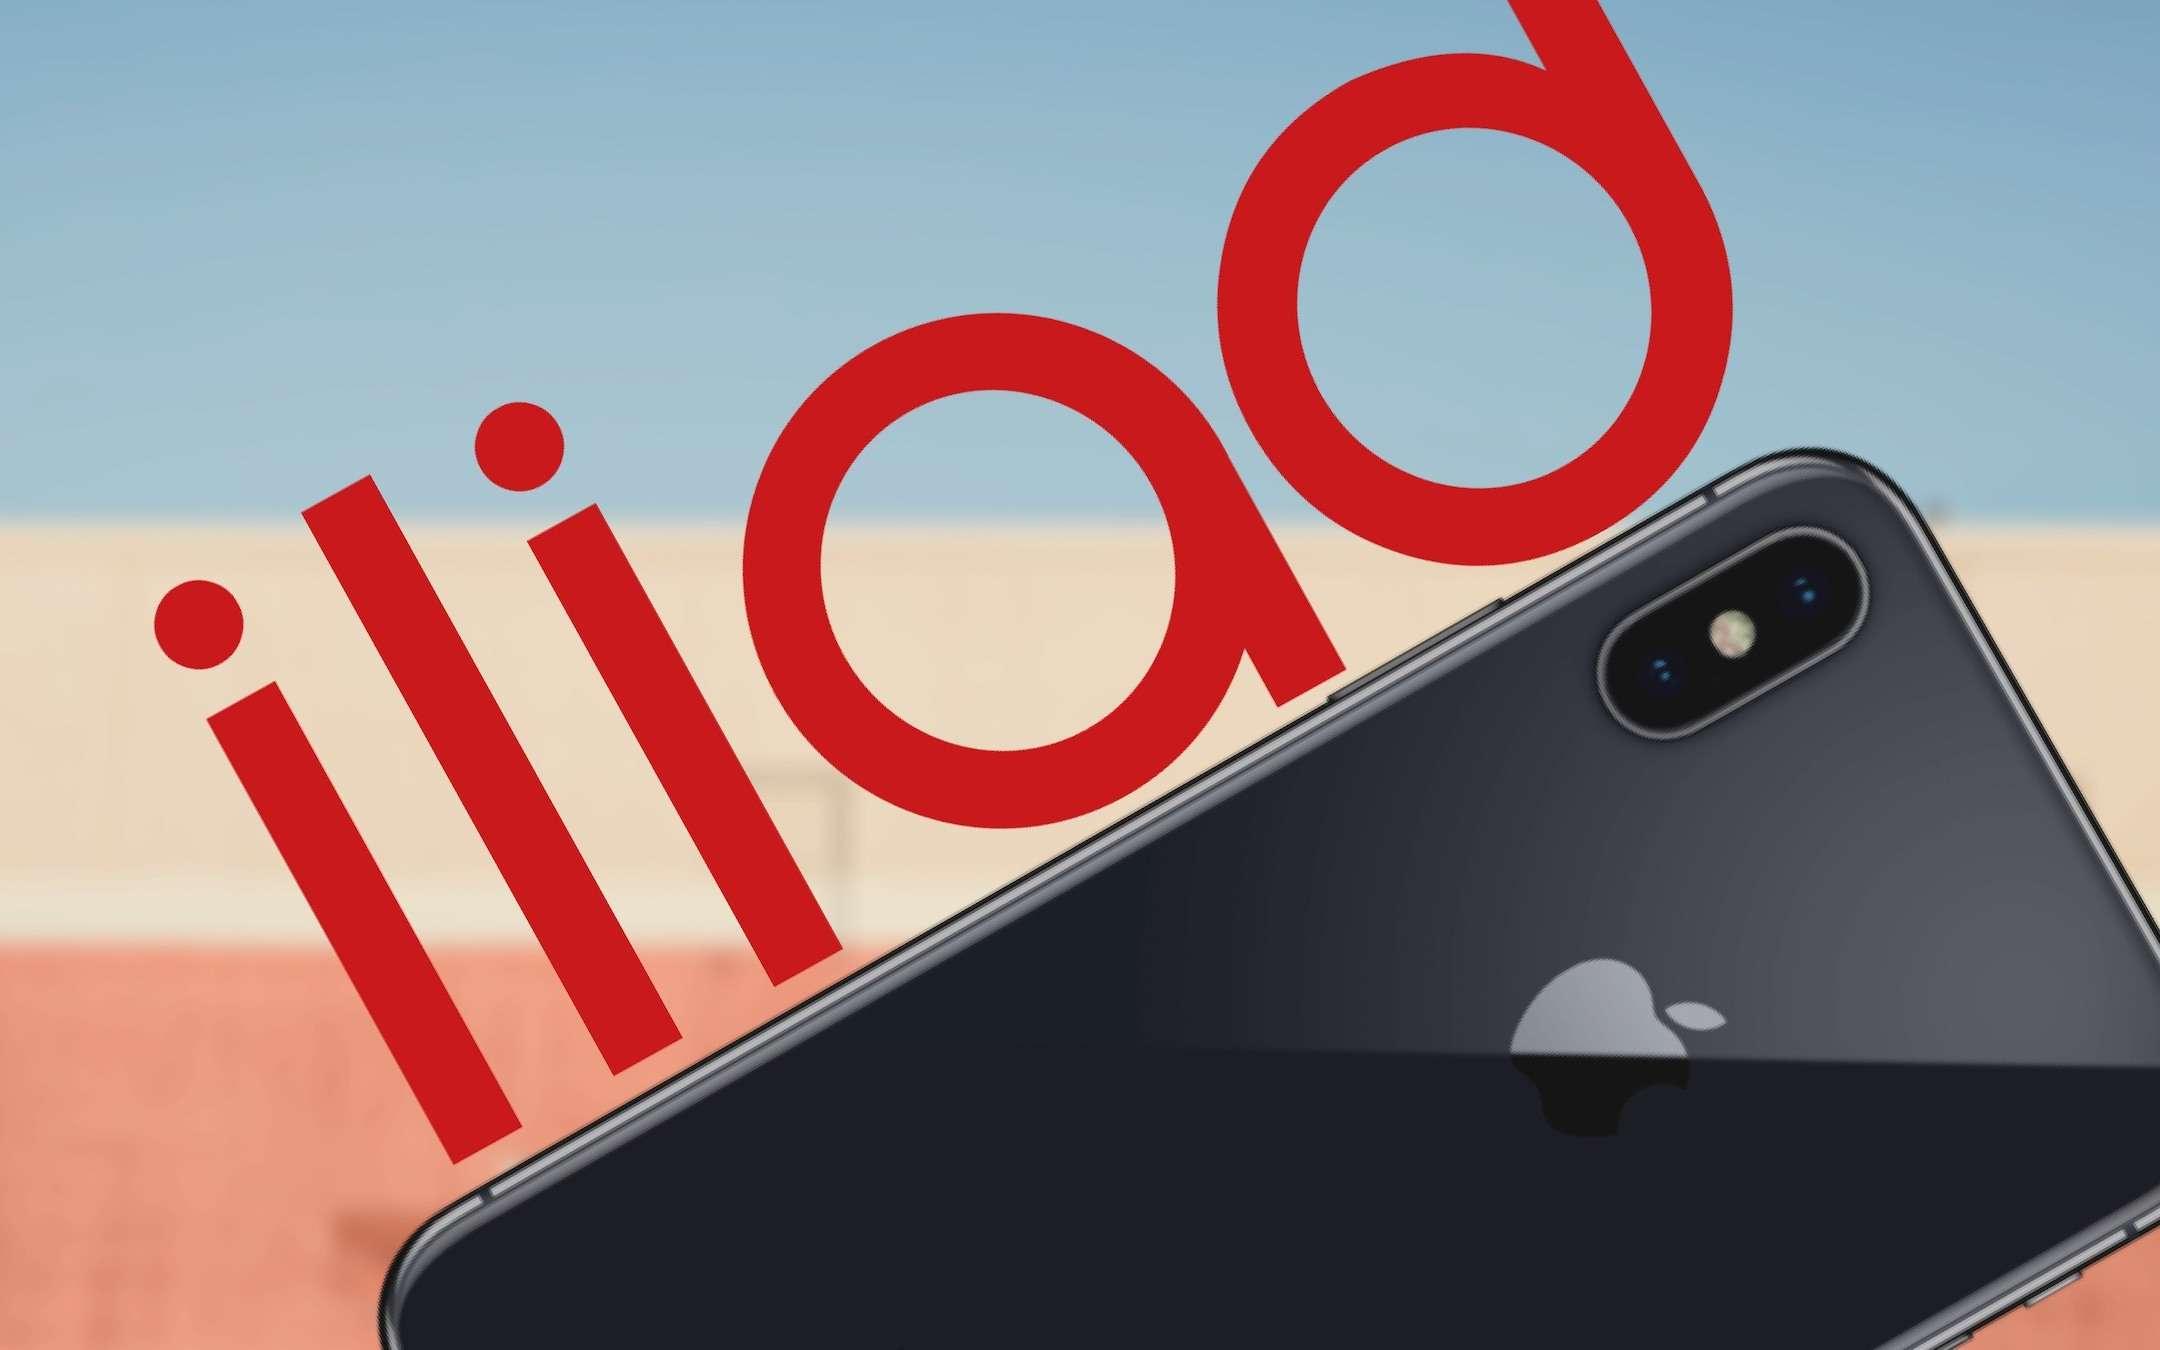 Iliad vende iPhone, ma non è come sembra